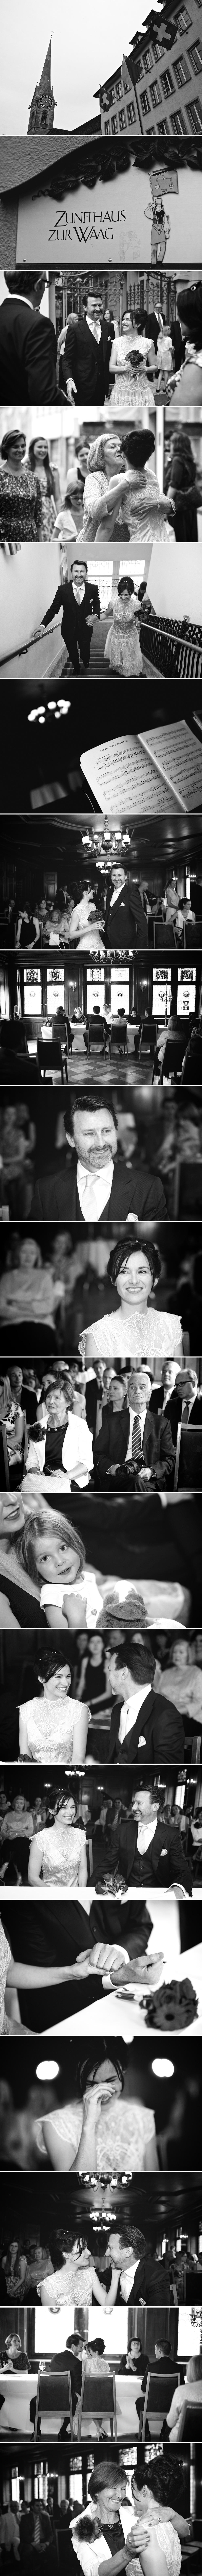 wedding in black and white, Zurich_1